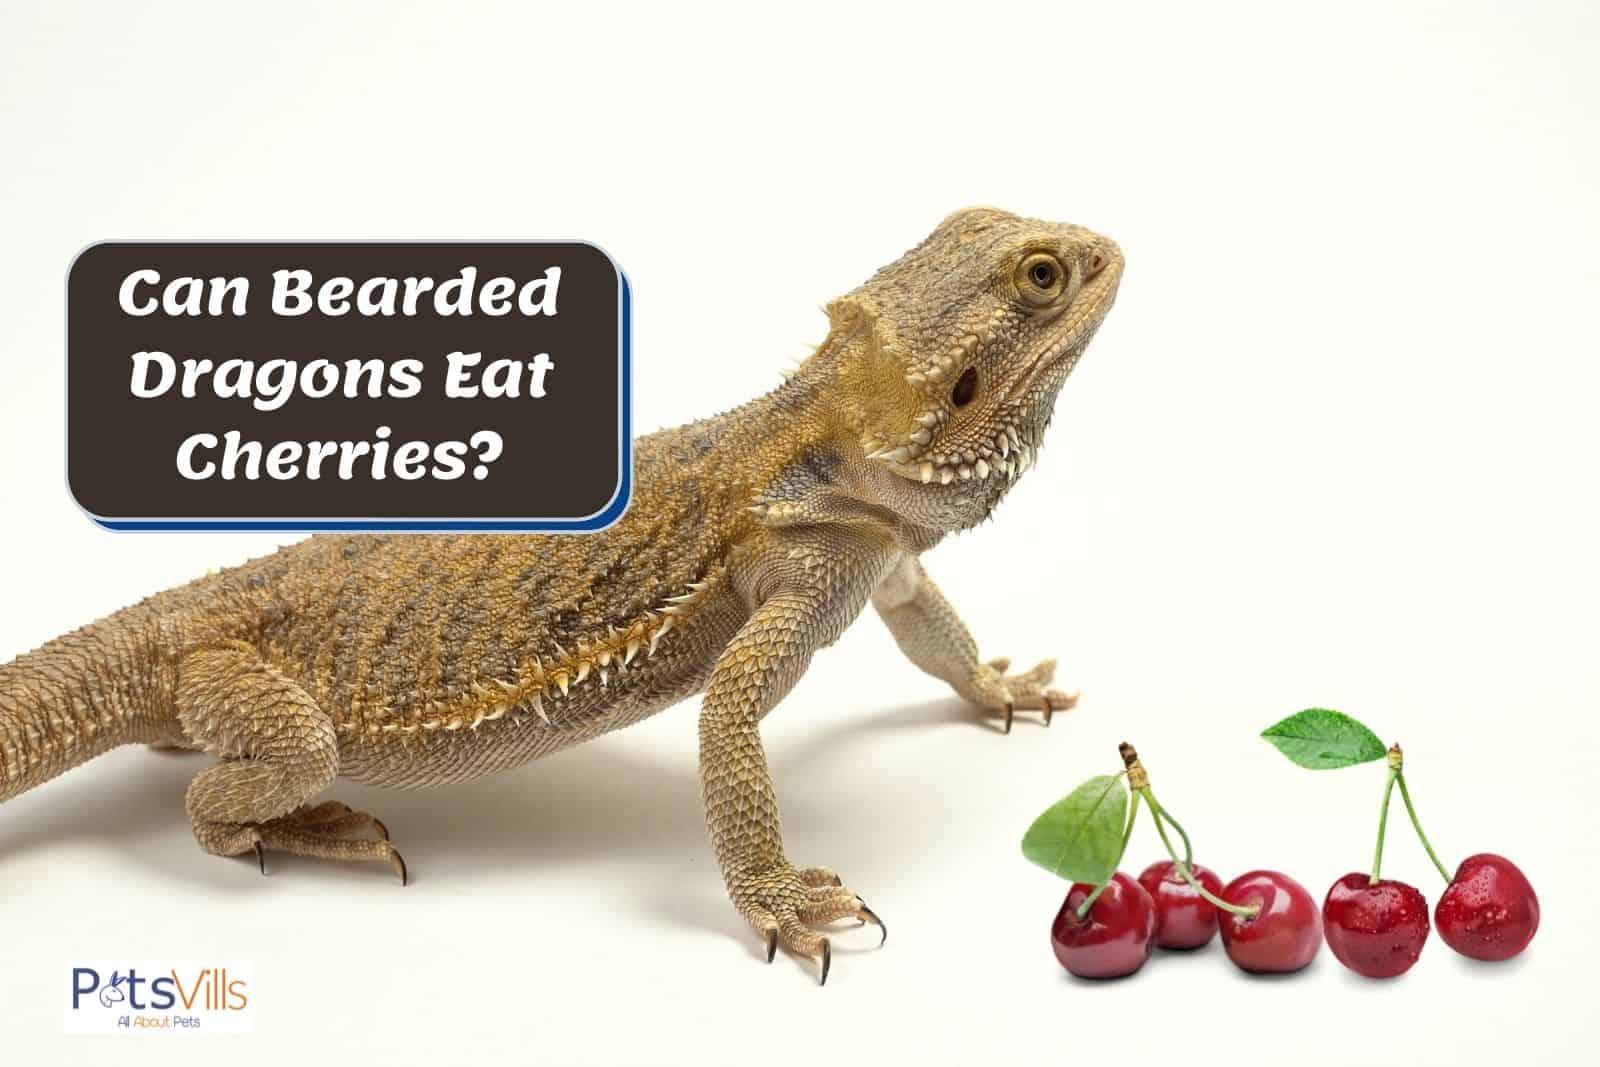 beardie and cherries: Can Bearded Dragons Eat Cherries?